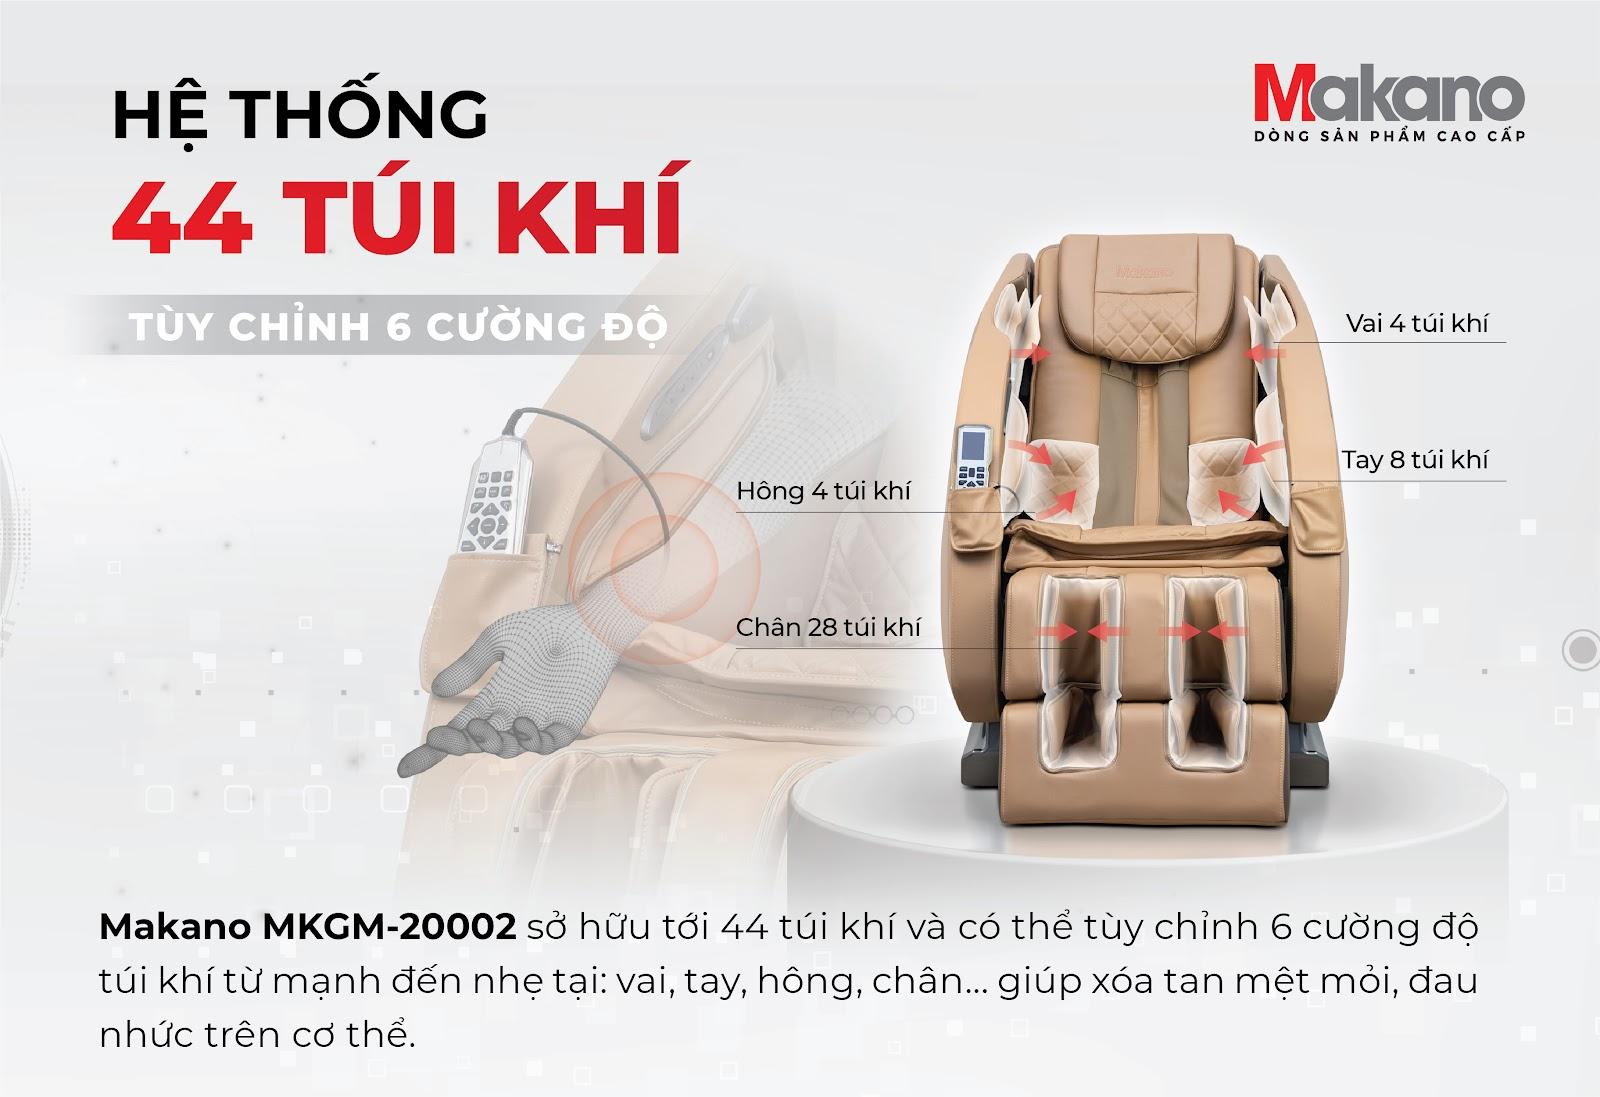 ghế massage MKGM-20002 sở hữu hệ thống 44 túi khí